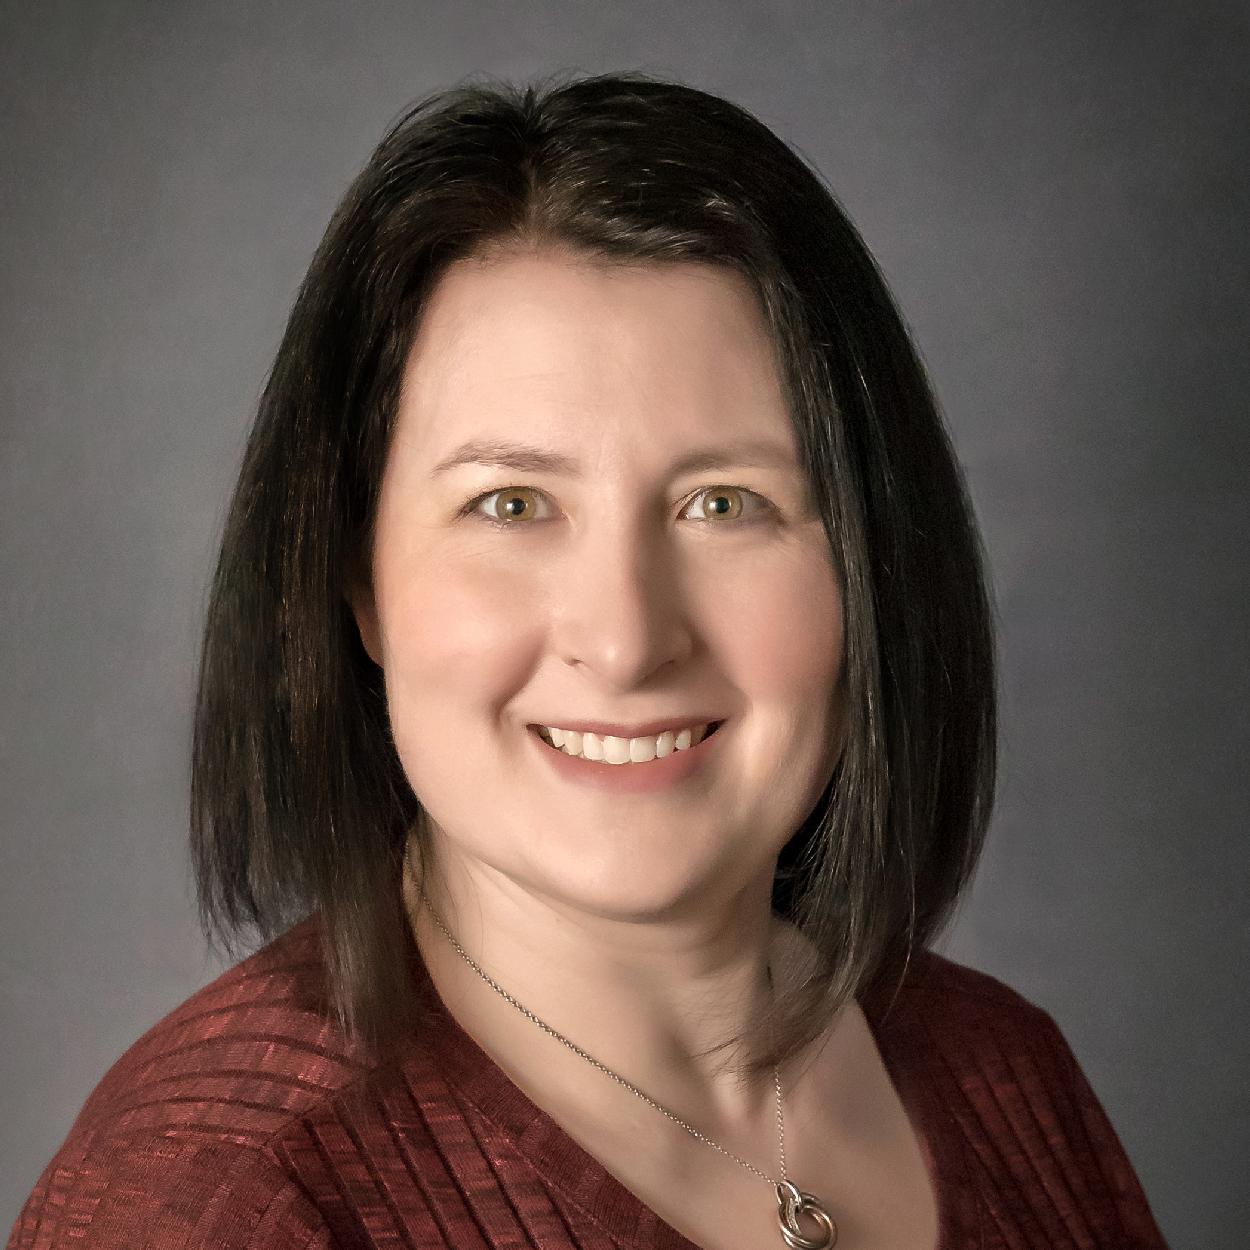 KatherineKirk